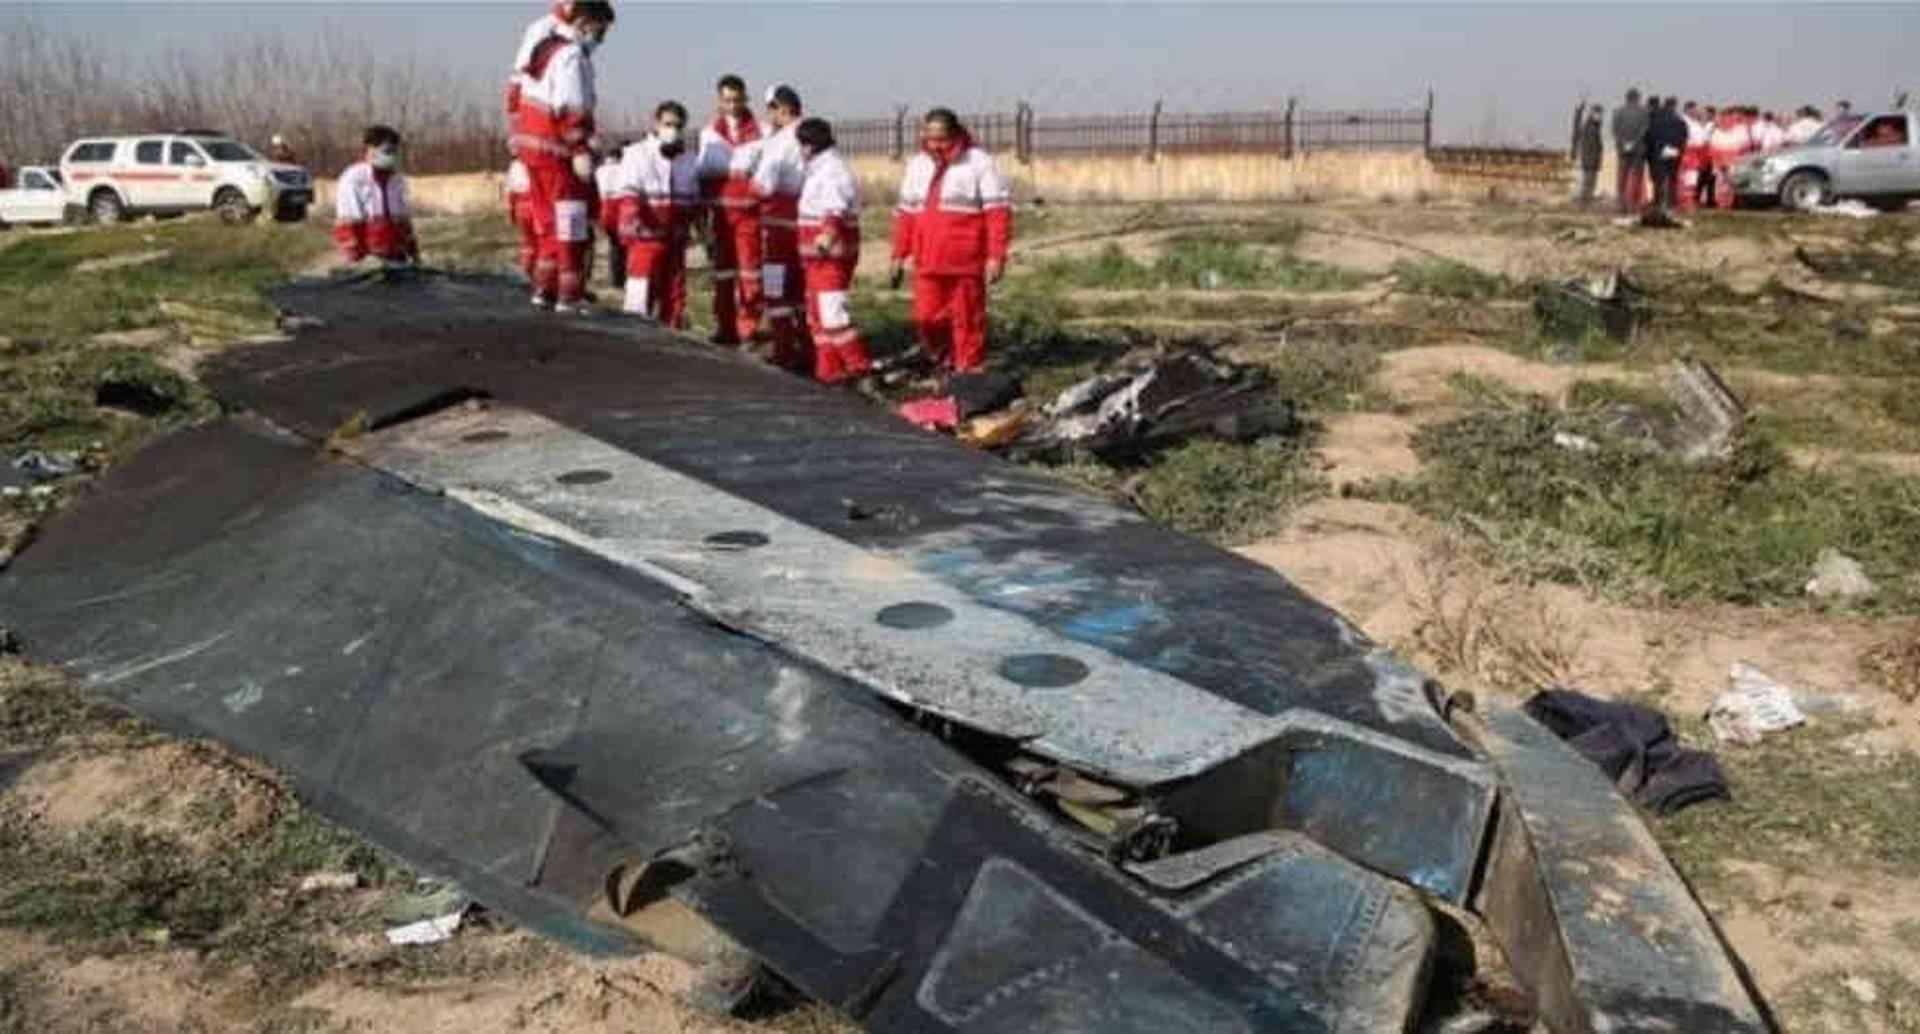 Irán intentó negar que uno de sus agentes bombardeó el avión por error. Sin embargo, ya todo se sabe. El asunto podría tener consecuencias insospechadas.